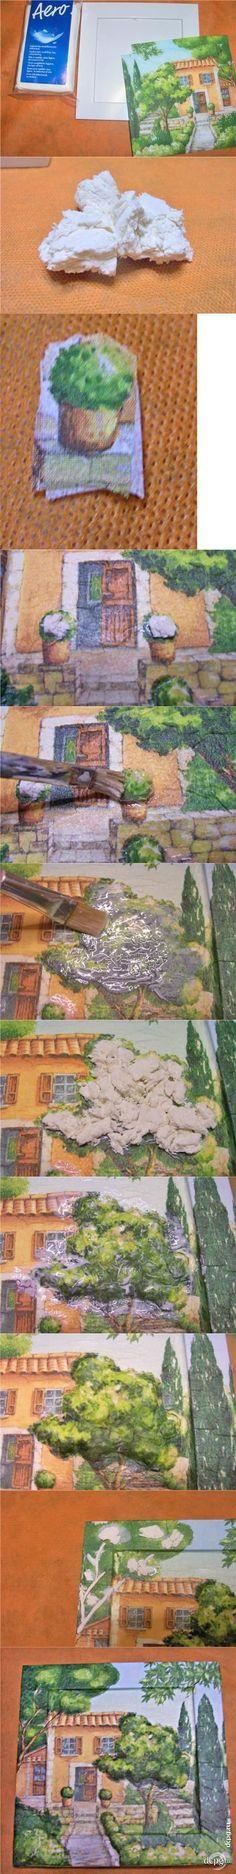 Декупаж - Сайт любителей декупажа - DCPG.RU | 3-d декупаж с использованием легкой массы Click on photo to see more! Нажмите на фото чтобы увидеть больше! decoupage art craft handmade home decor DIY do it yourself tutorial